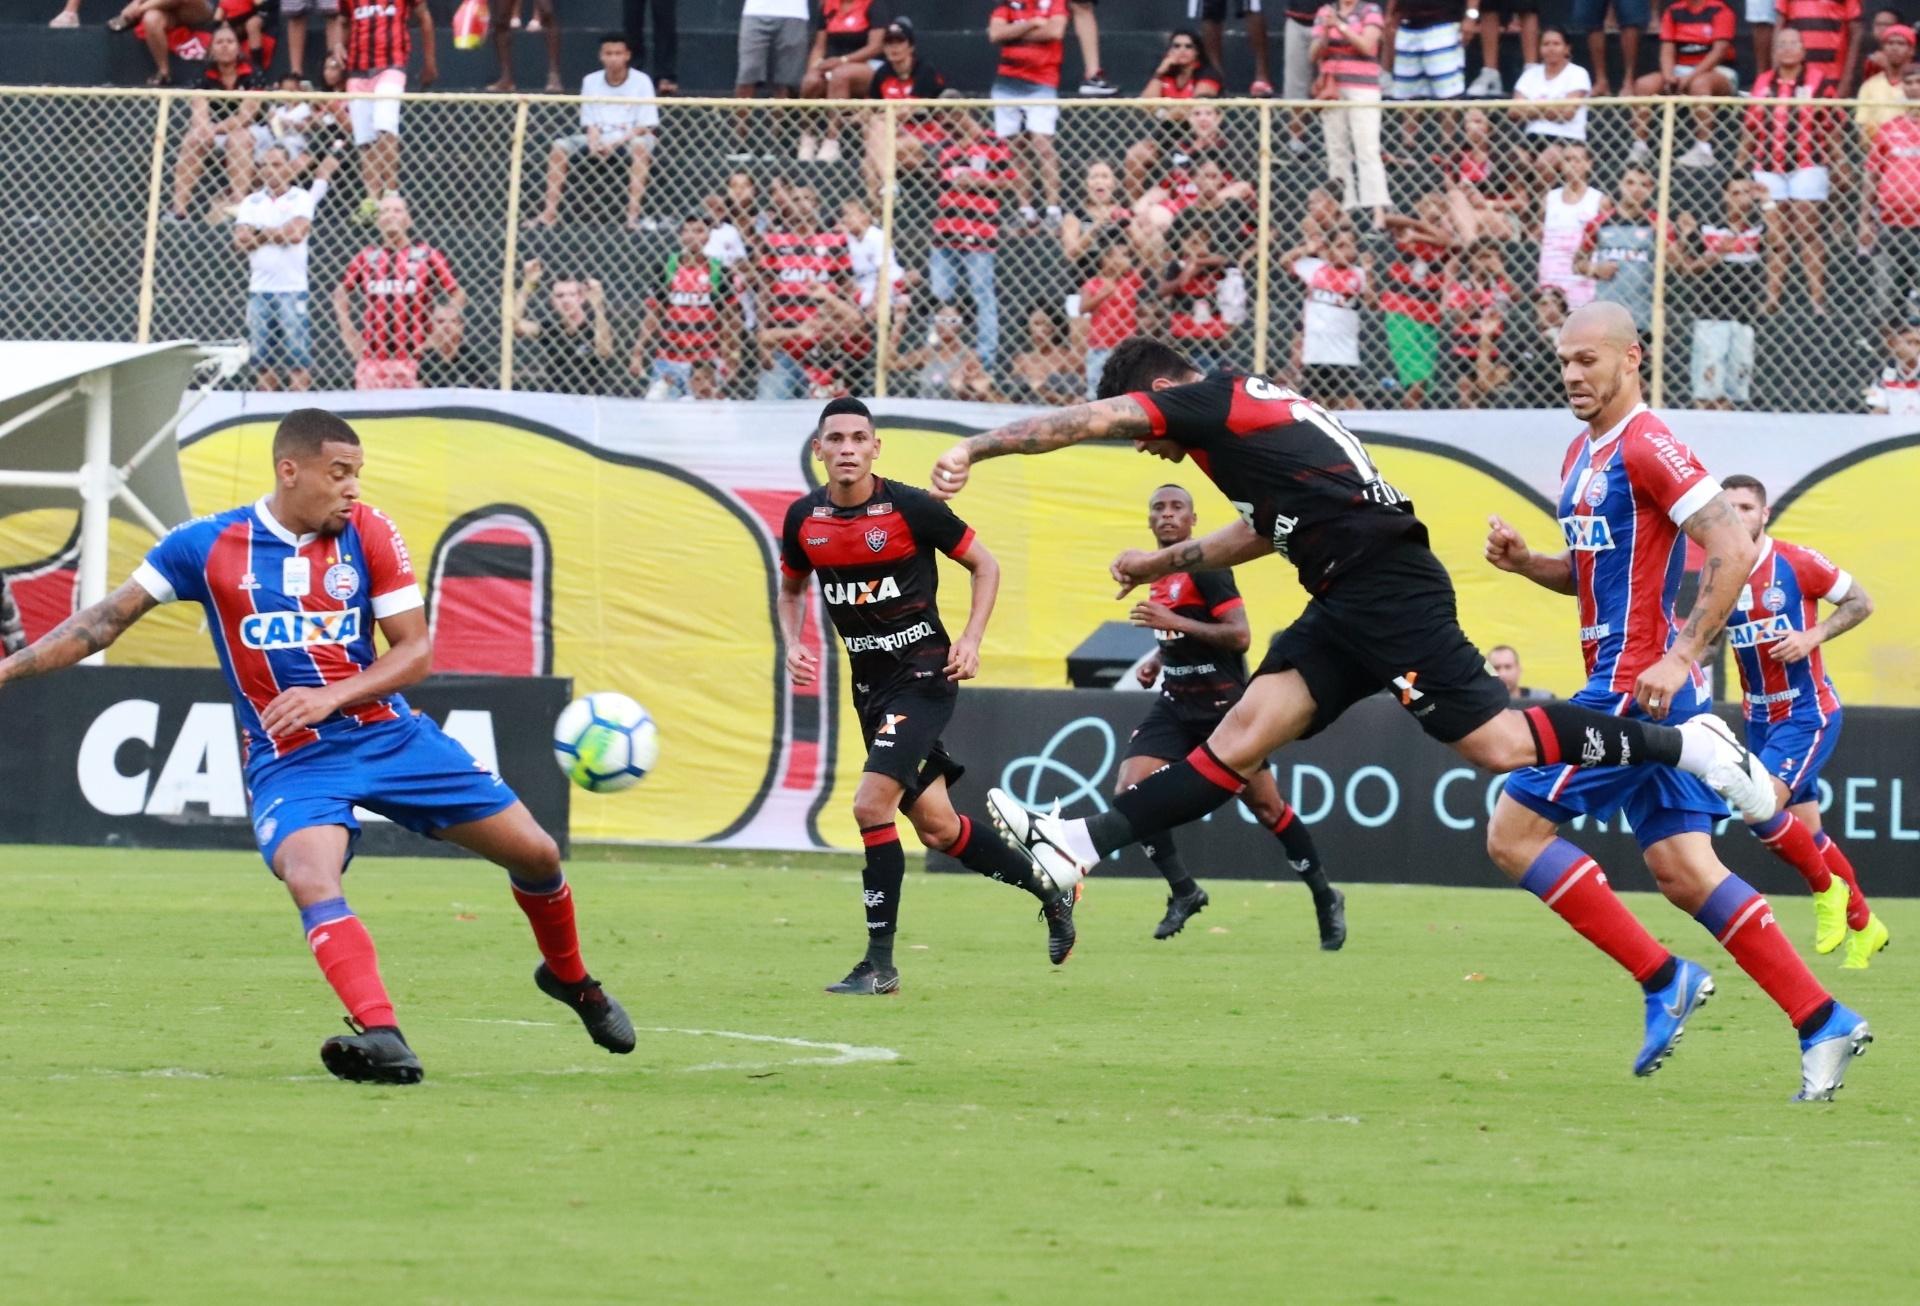 1a6bf1150a549 Vitória cede empate com o Bahia e segue em situação complicada - 11 11 2018  - UOL Esporte